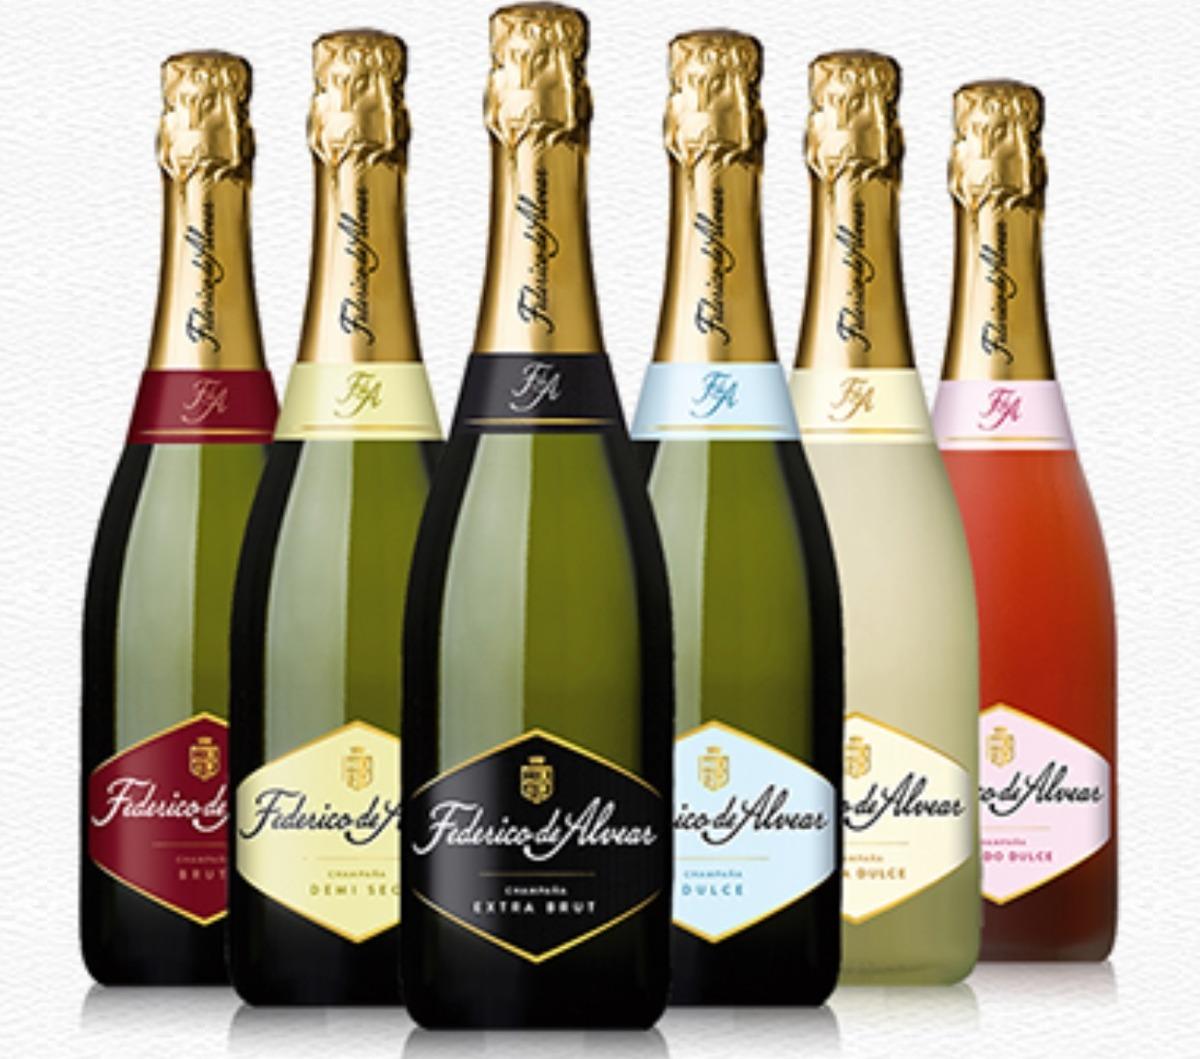 Federico de Alvear Extra Brut, una champaña francamente deliciosa